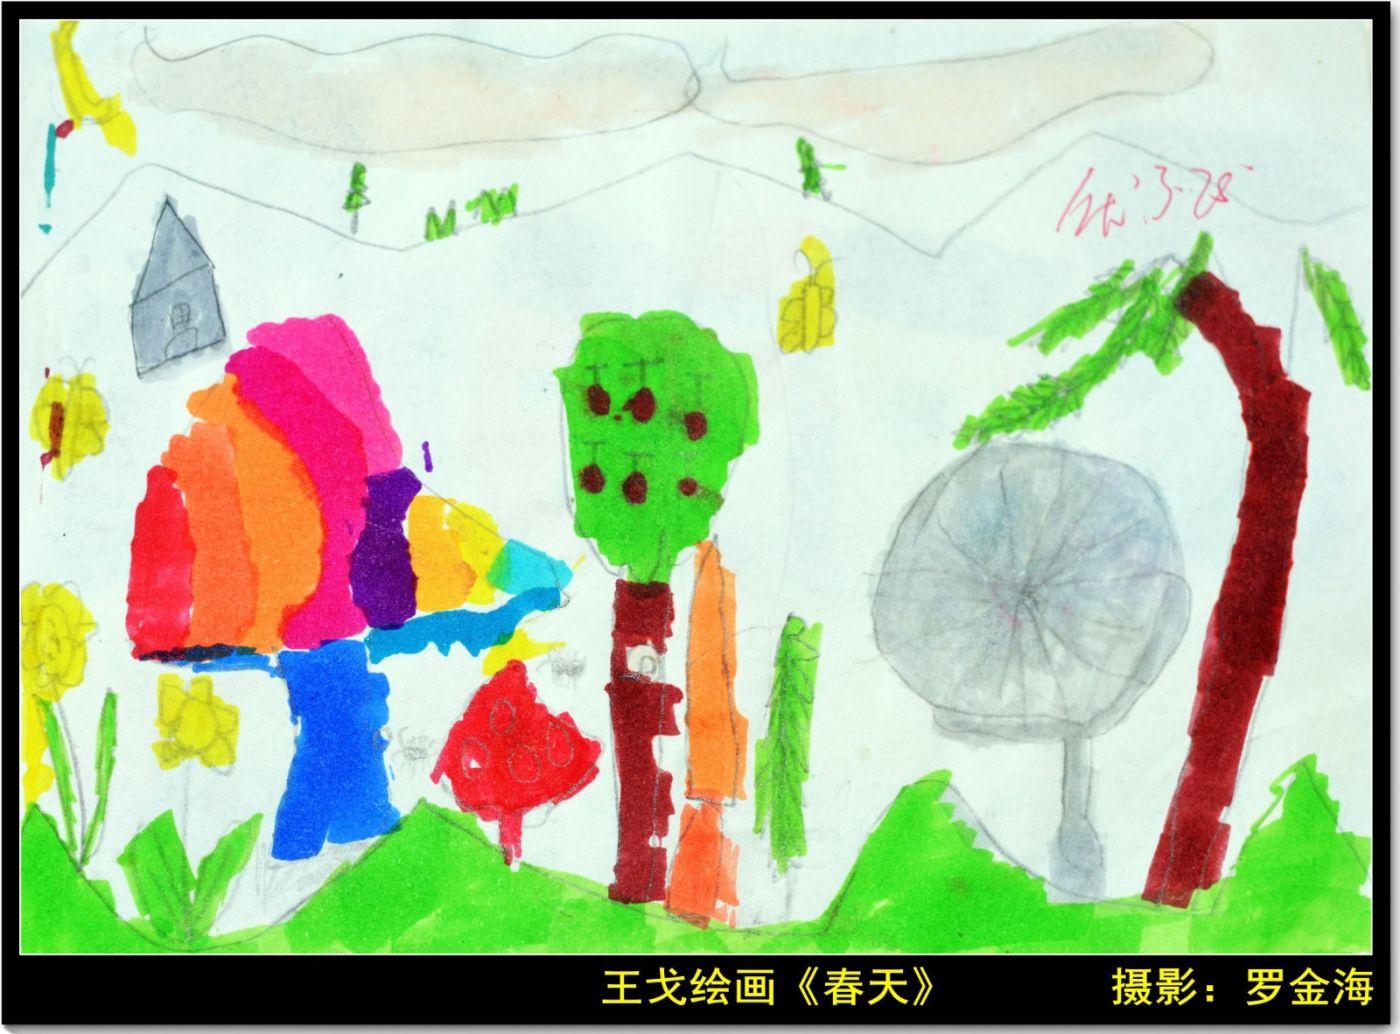 王戈的绘画欣赏(三)七律_图1-3